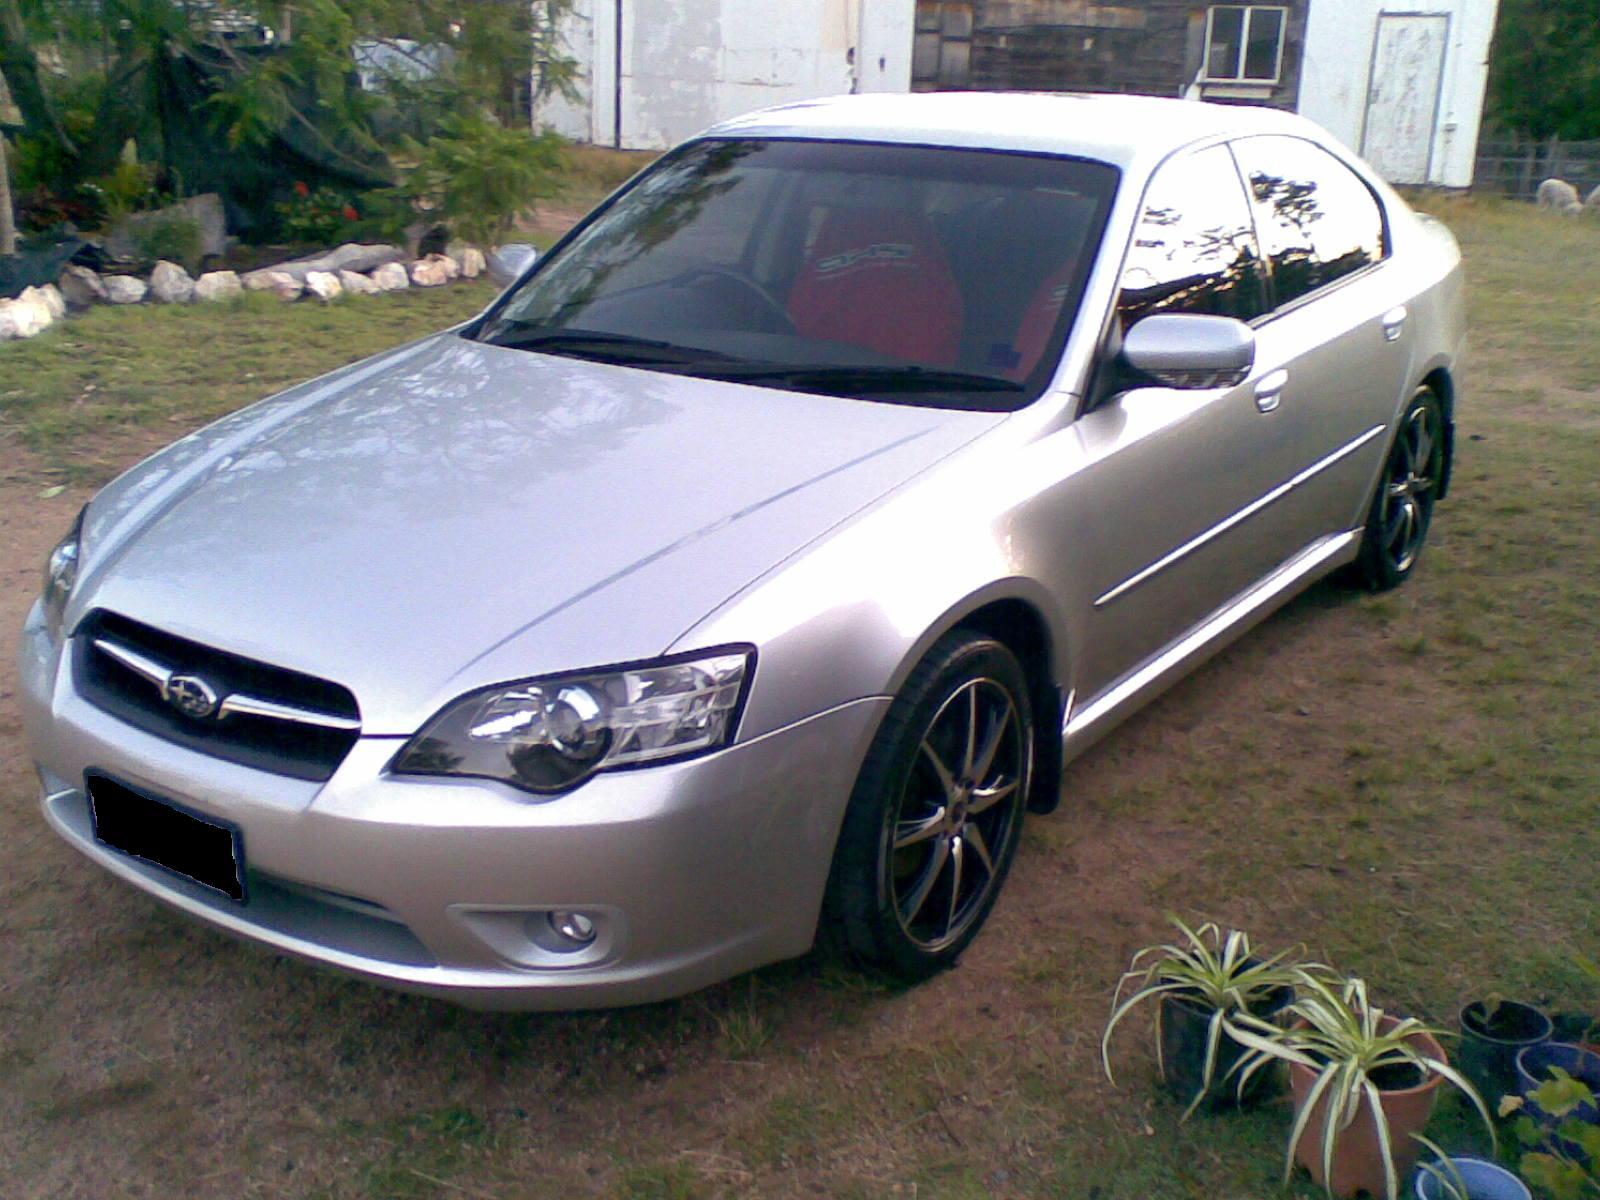 Subaru Legacy Outback >> 2004 SUBARU LEGACY - Image #10